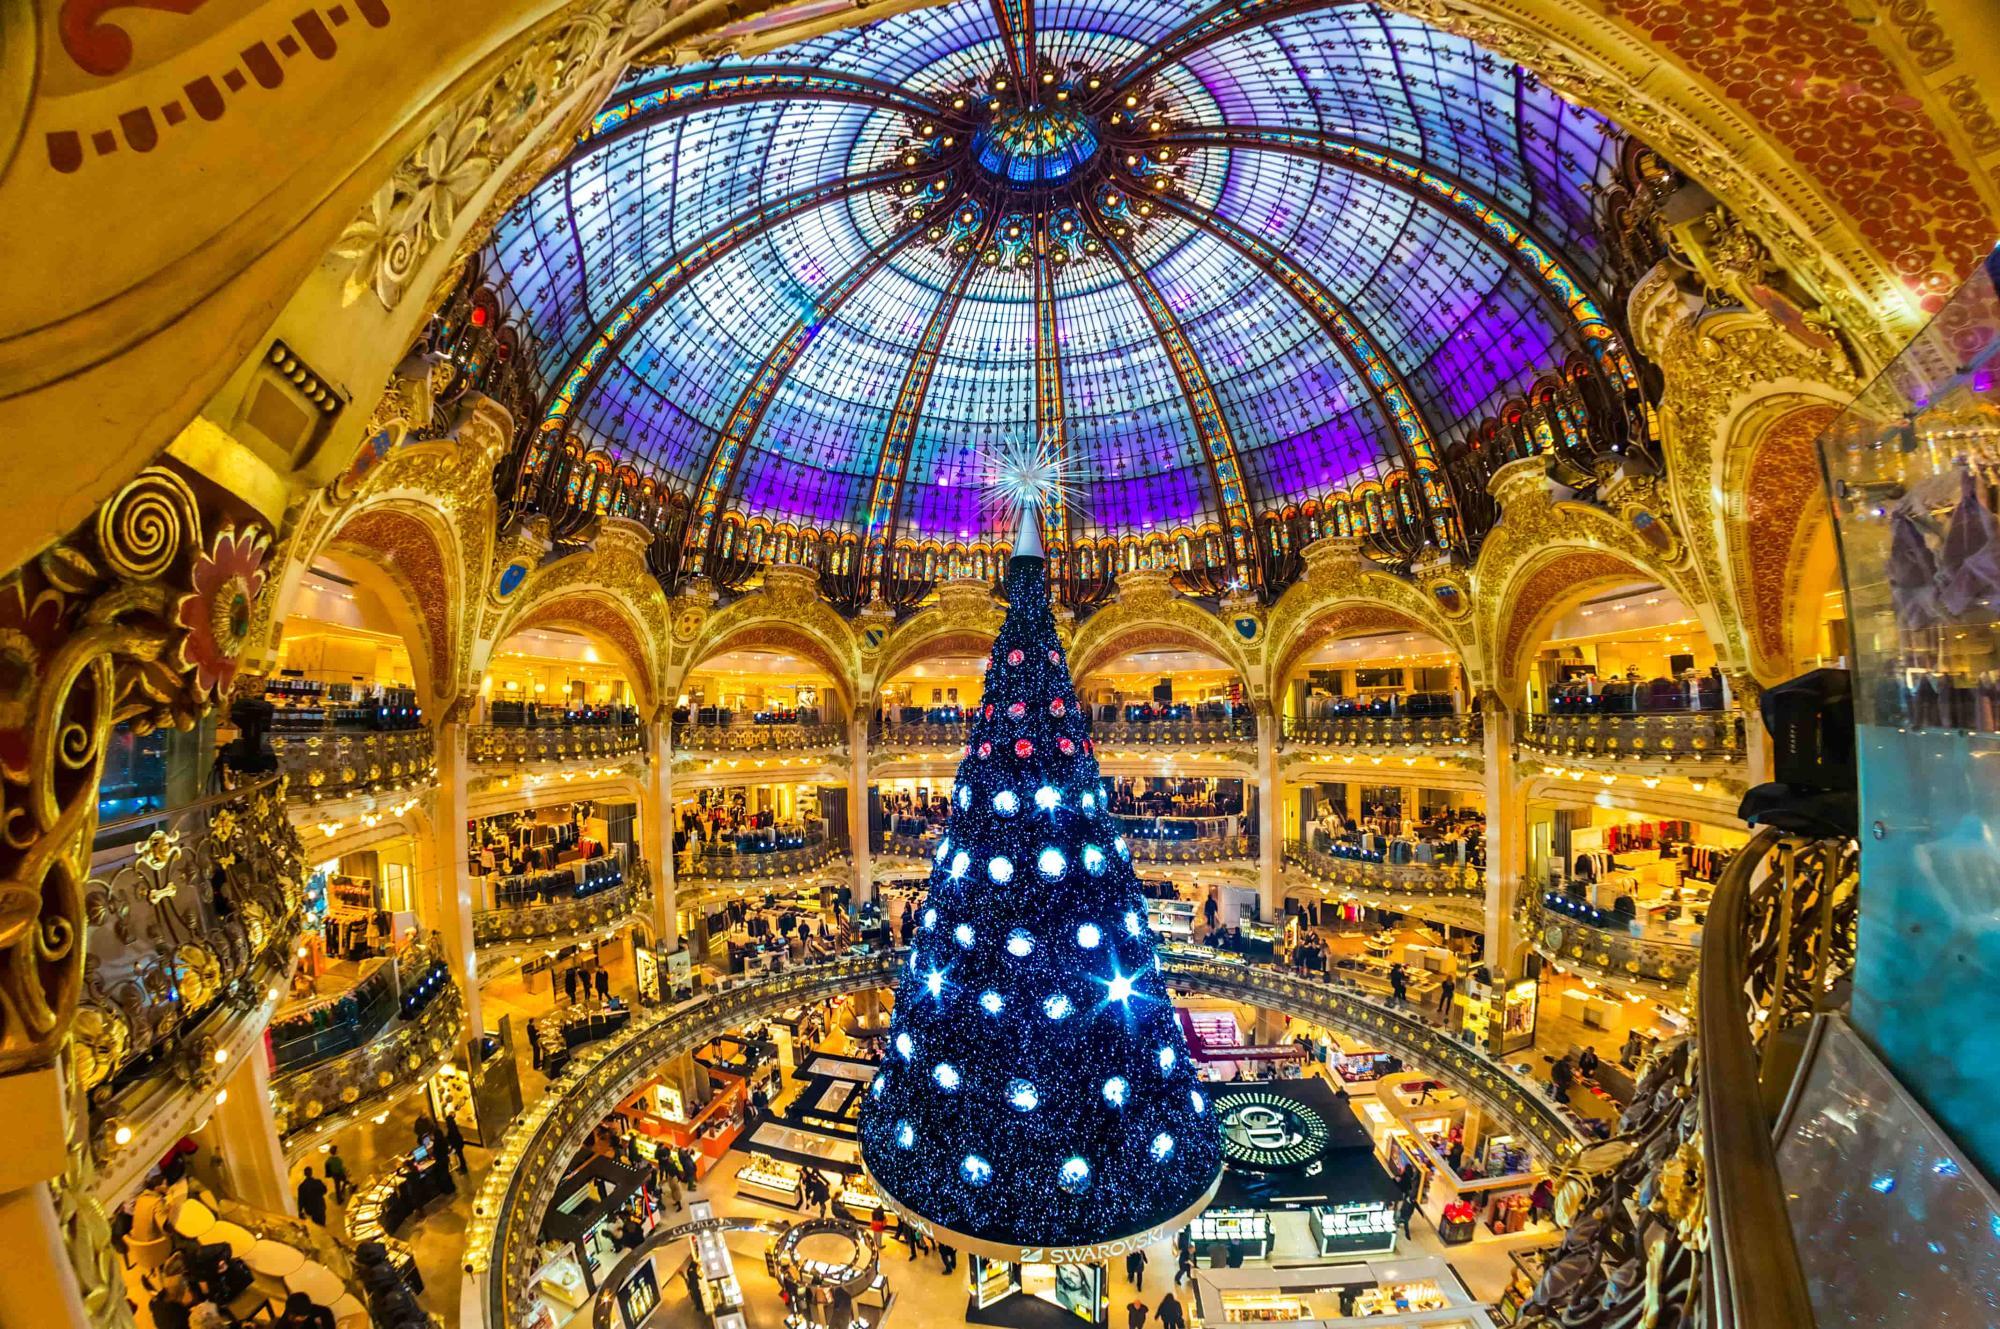 grands magasins pres 9 hotel opera paris